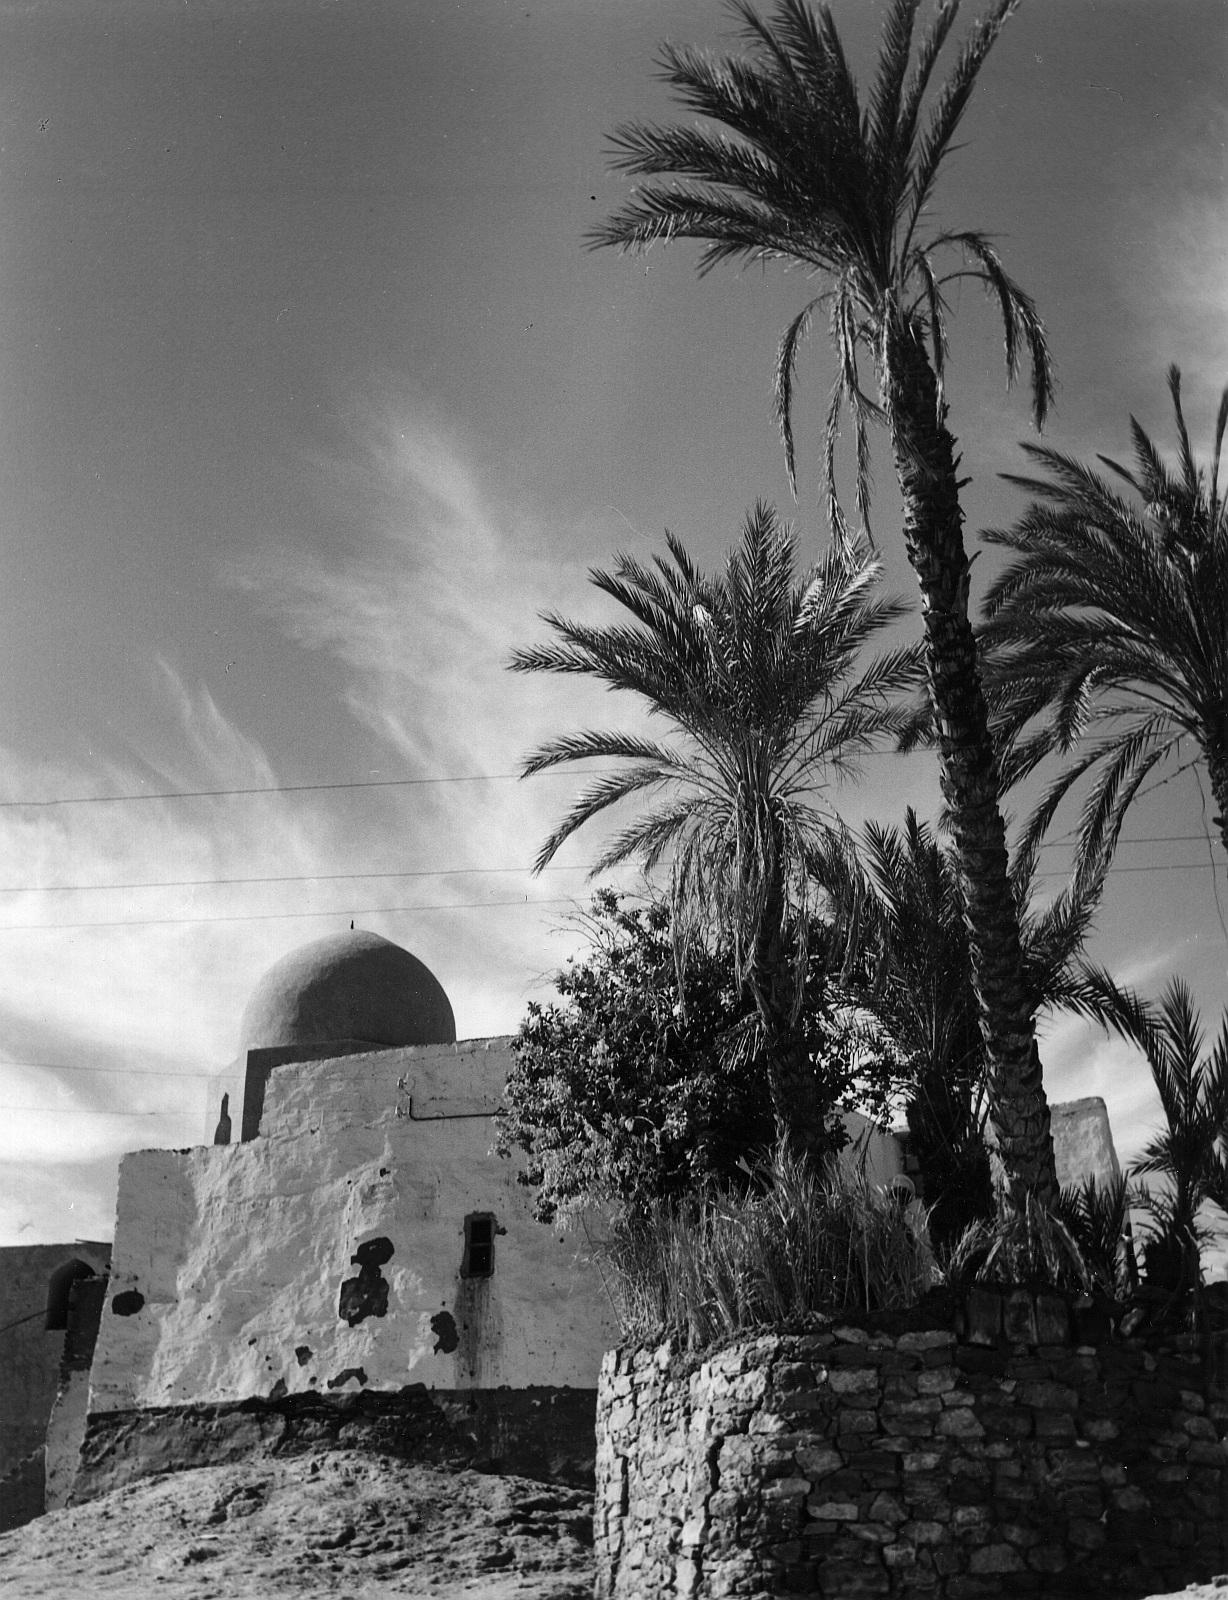 Асуан. Гробница знаменитого святого в гранитном карьере